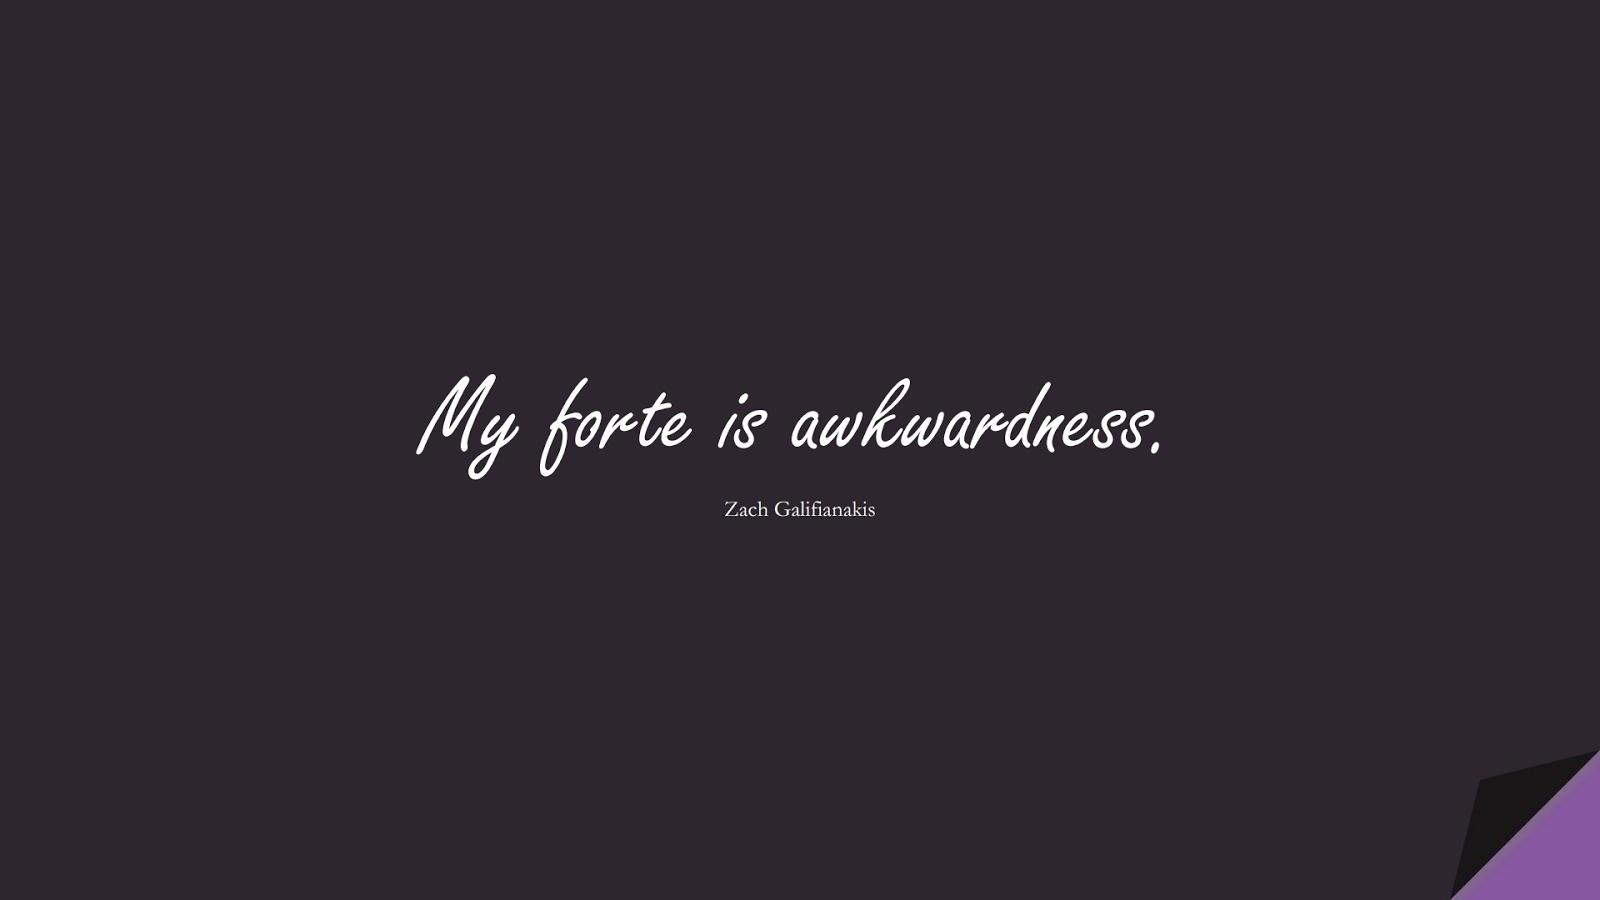 My forte is awkwardness. (Zach Galifianakis);  #ShortQuotes